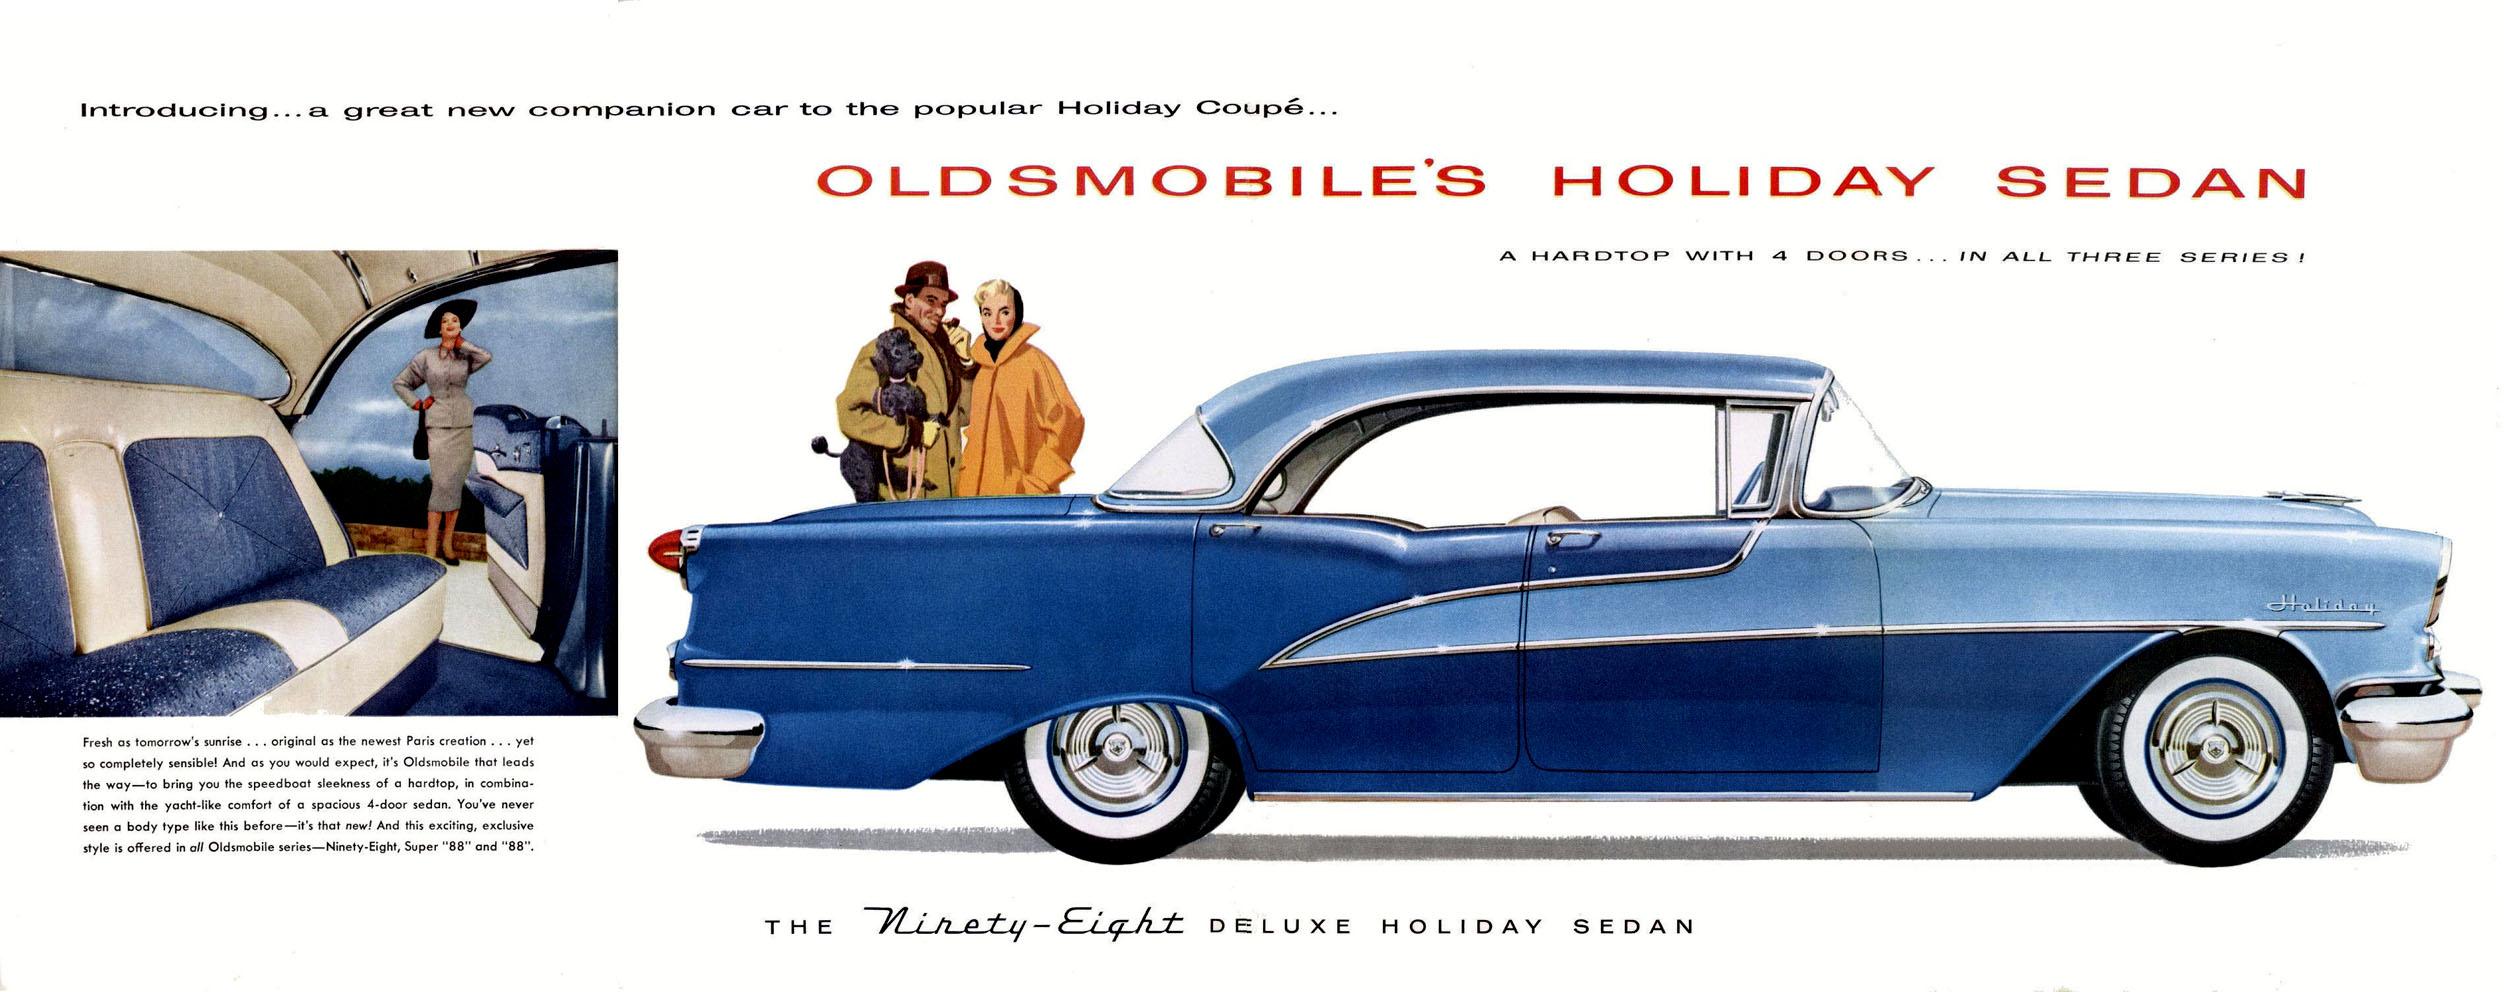 1955 Oldsmobile Holiday Sedan